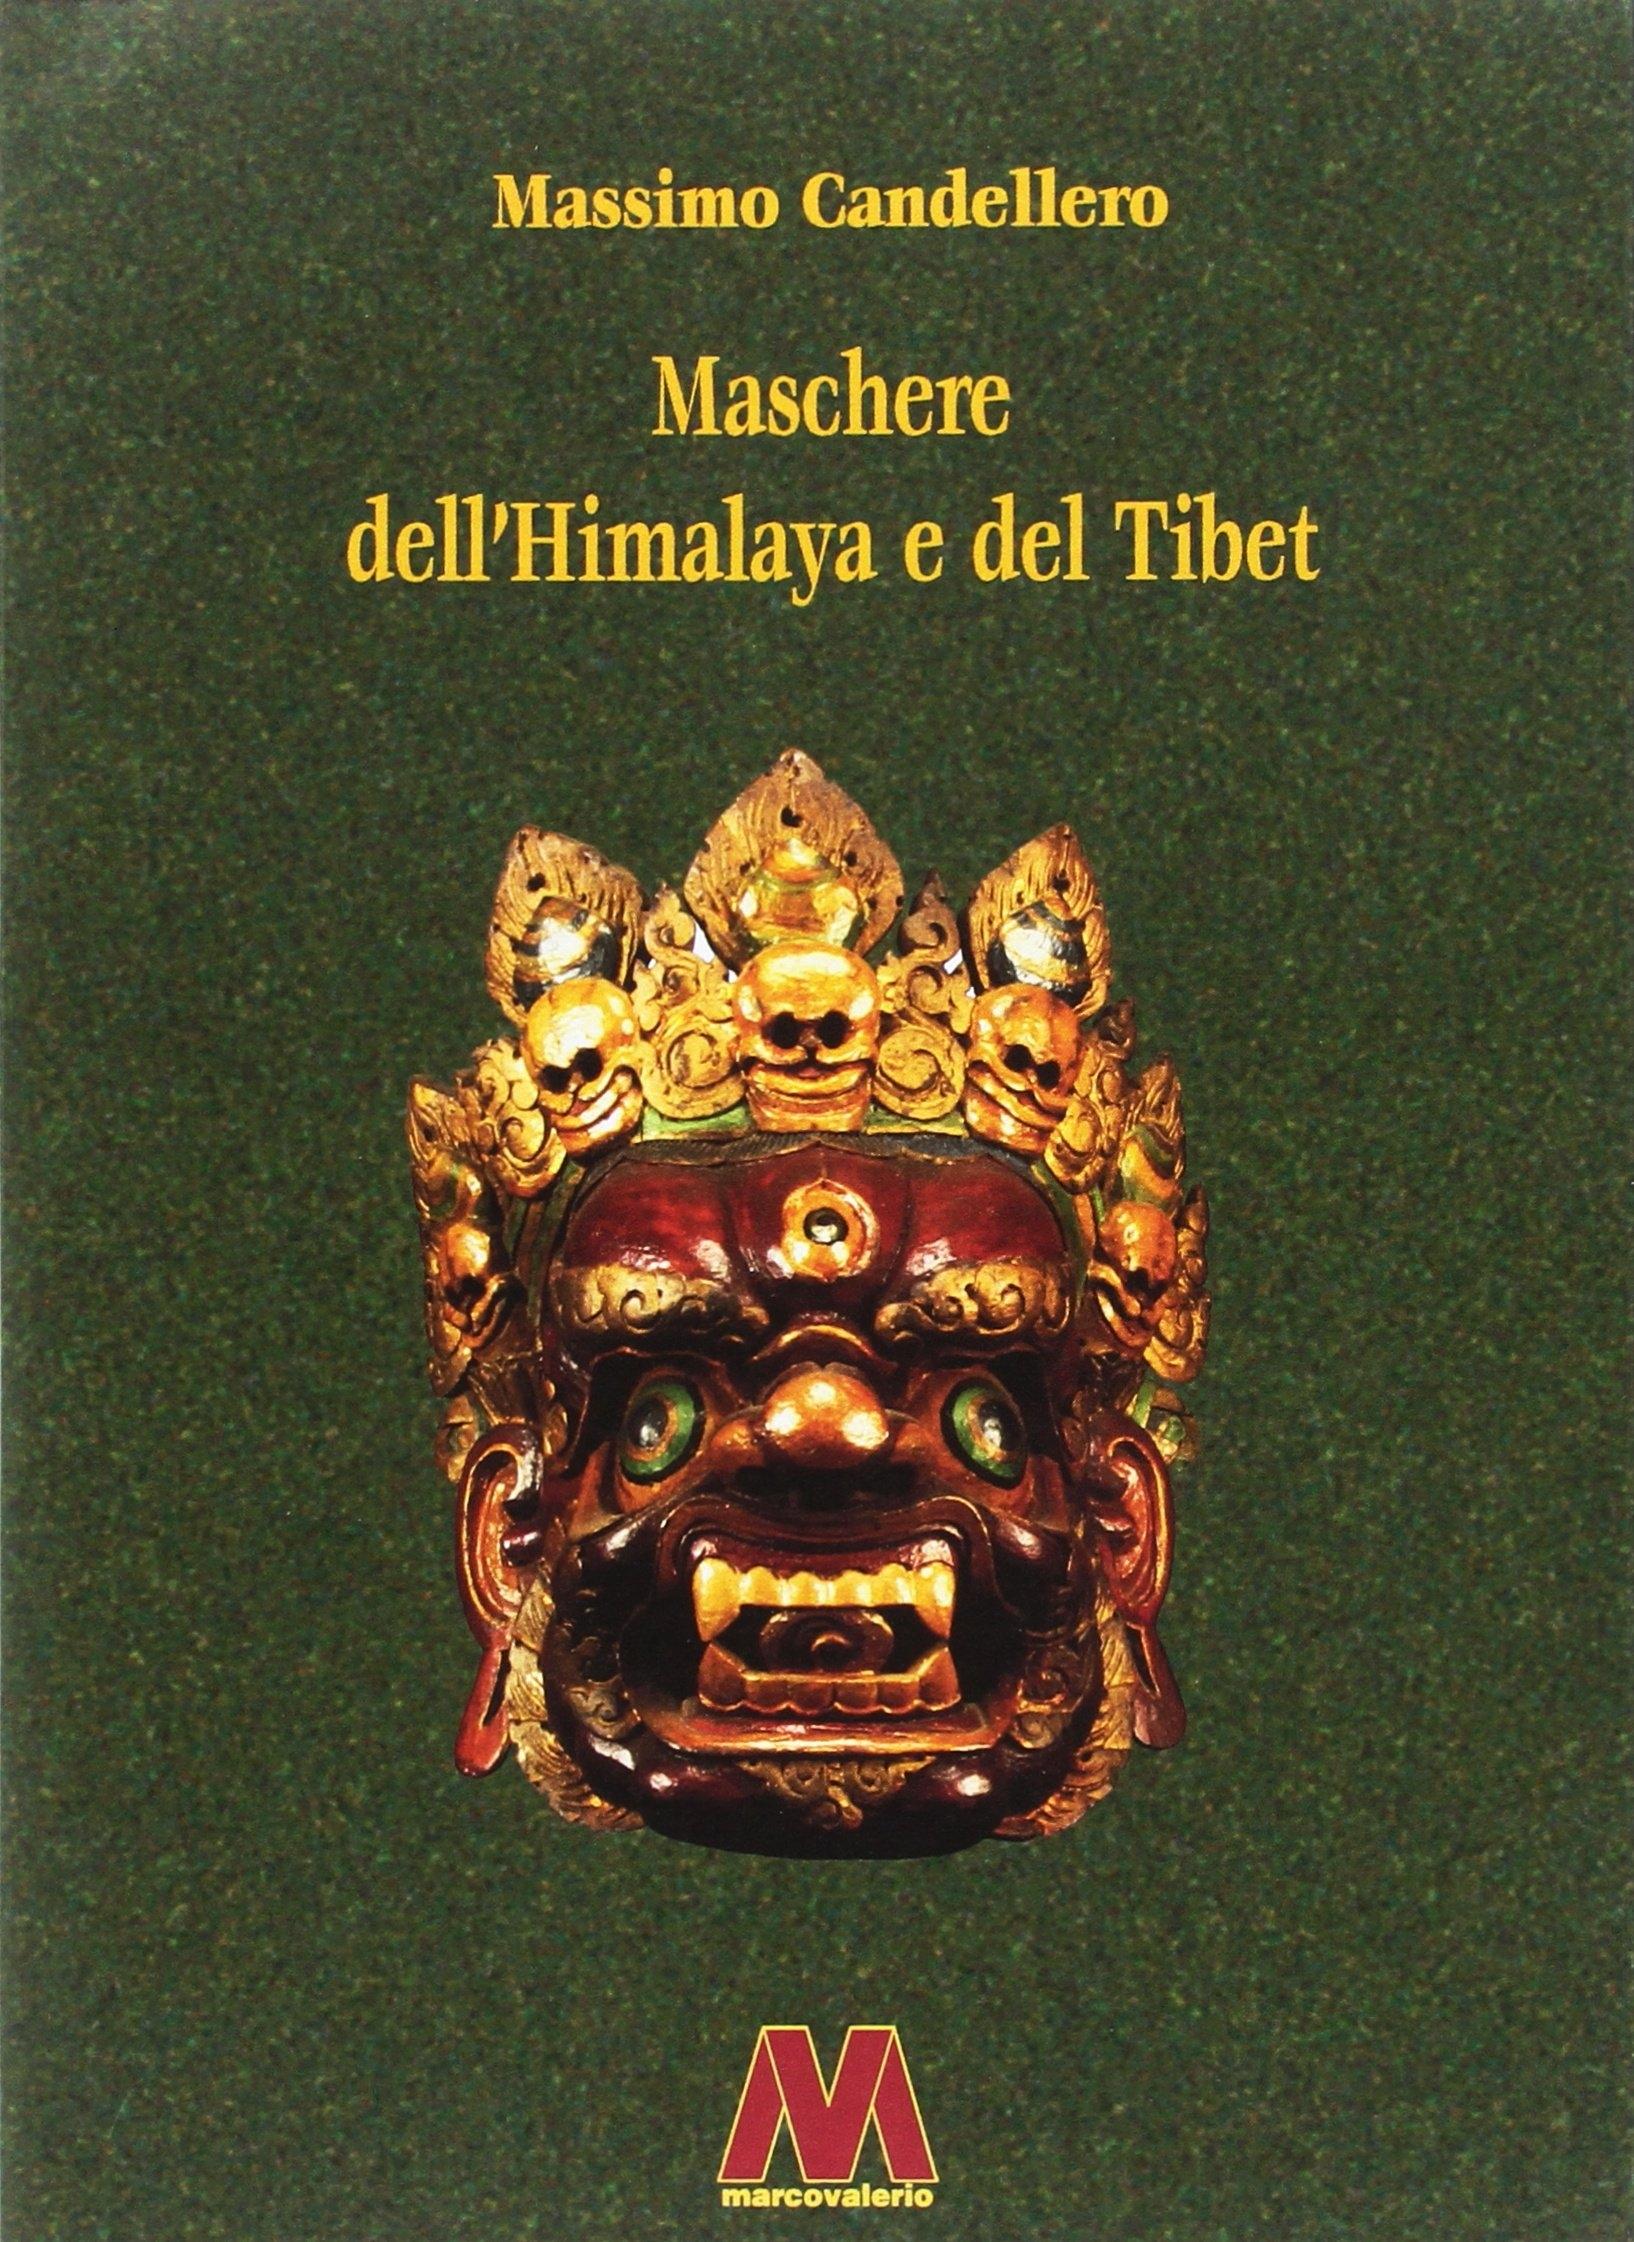 Maschere dell'Himalaya e del Tibet.